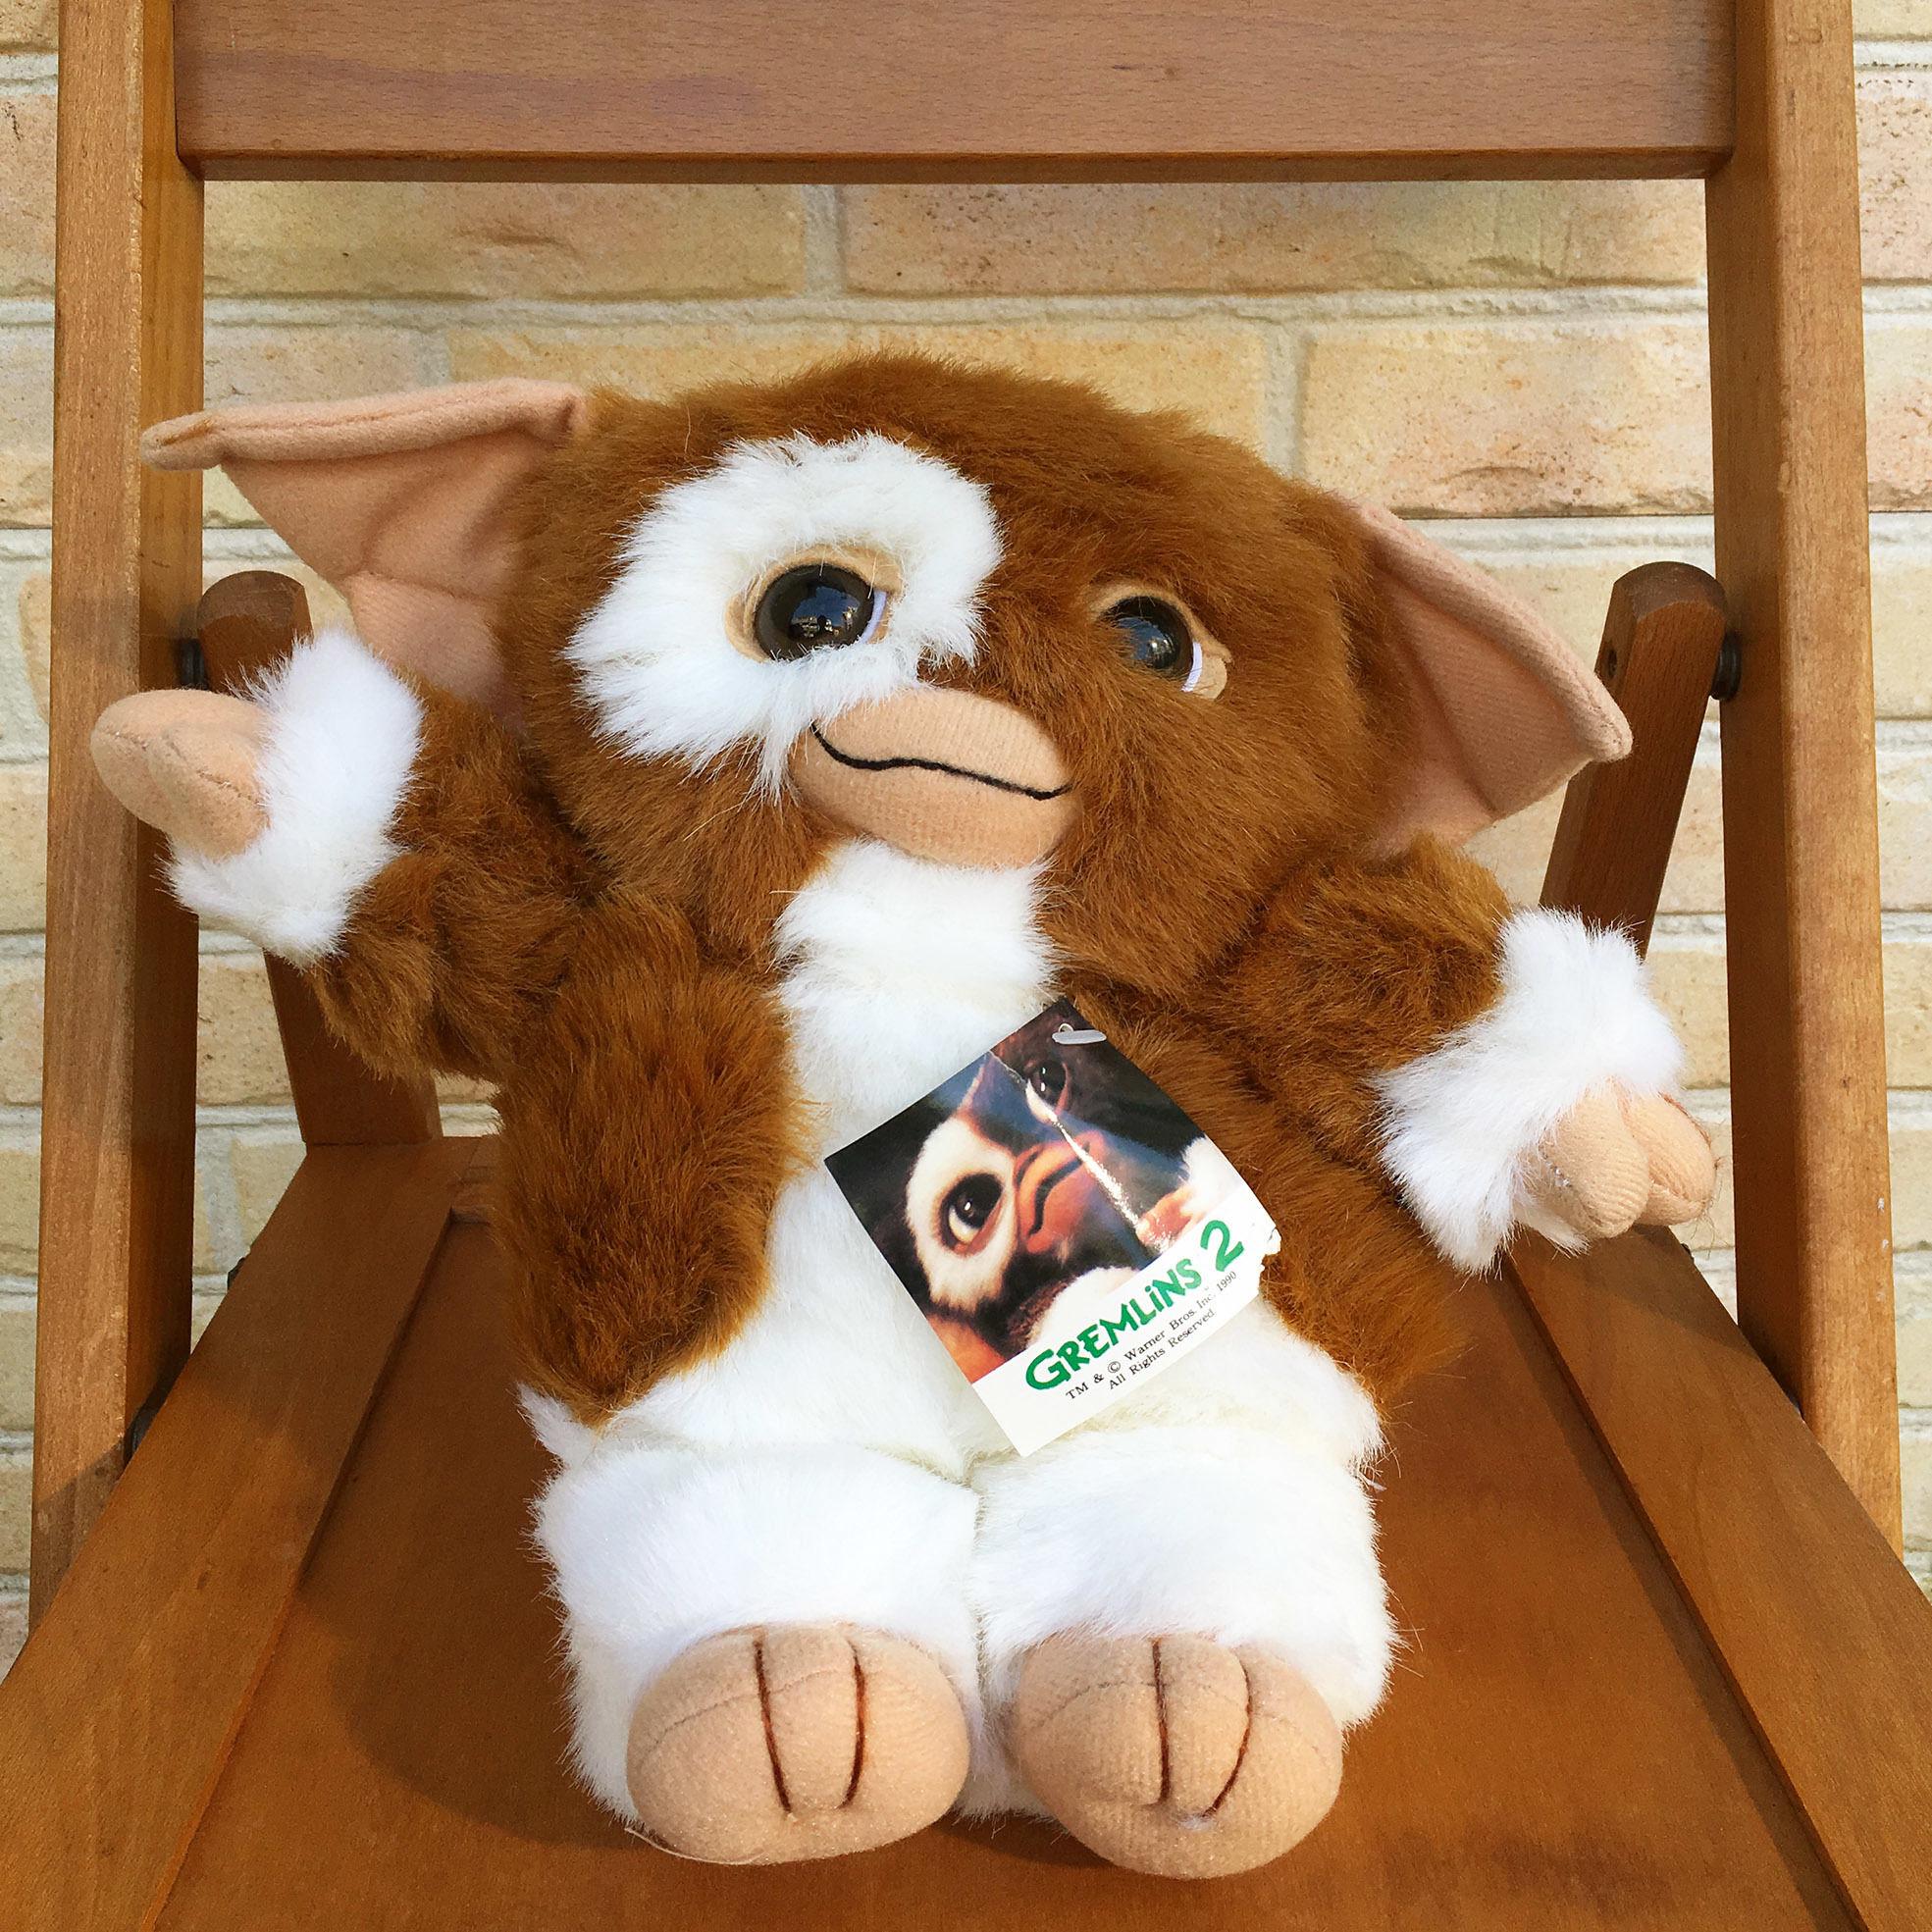 GREMLINS Gizmo Plush Doll/グレムリン ギズモ ぬいぐるみ/171117-3